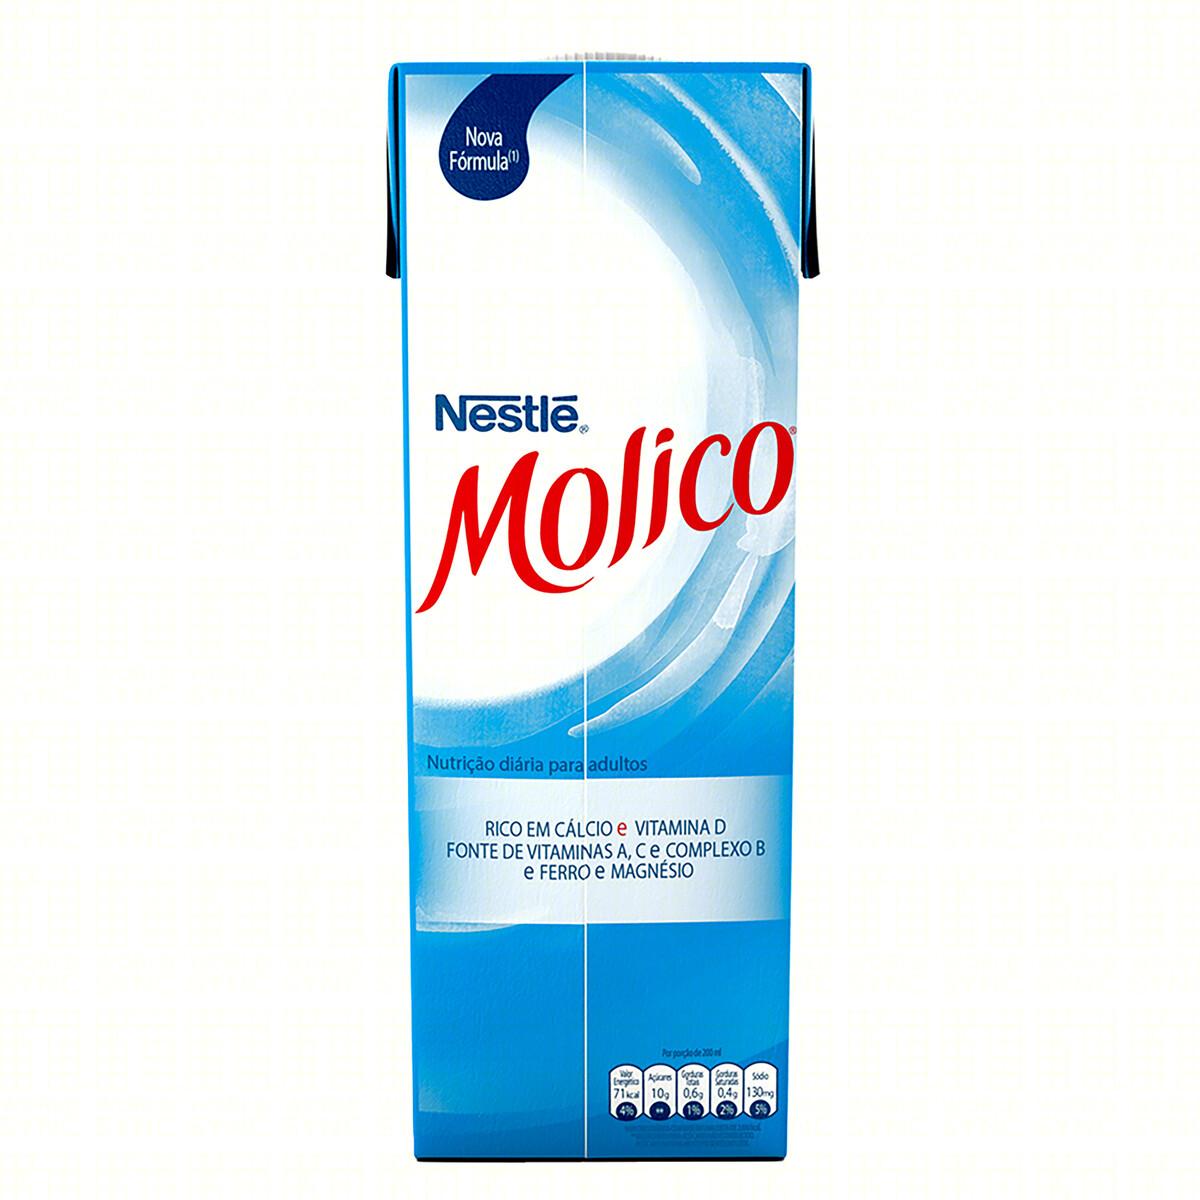 Leite Nestlé Uht Molico Desnatado 1 Litro